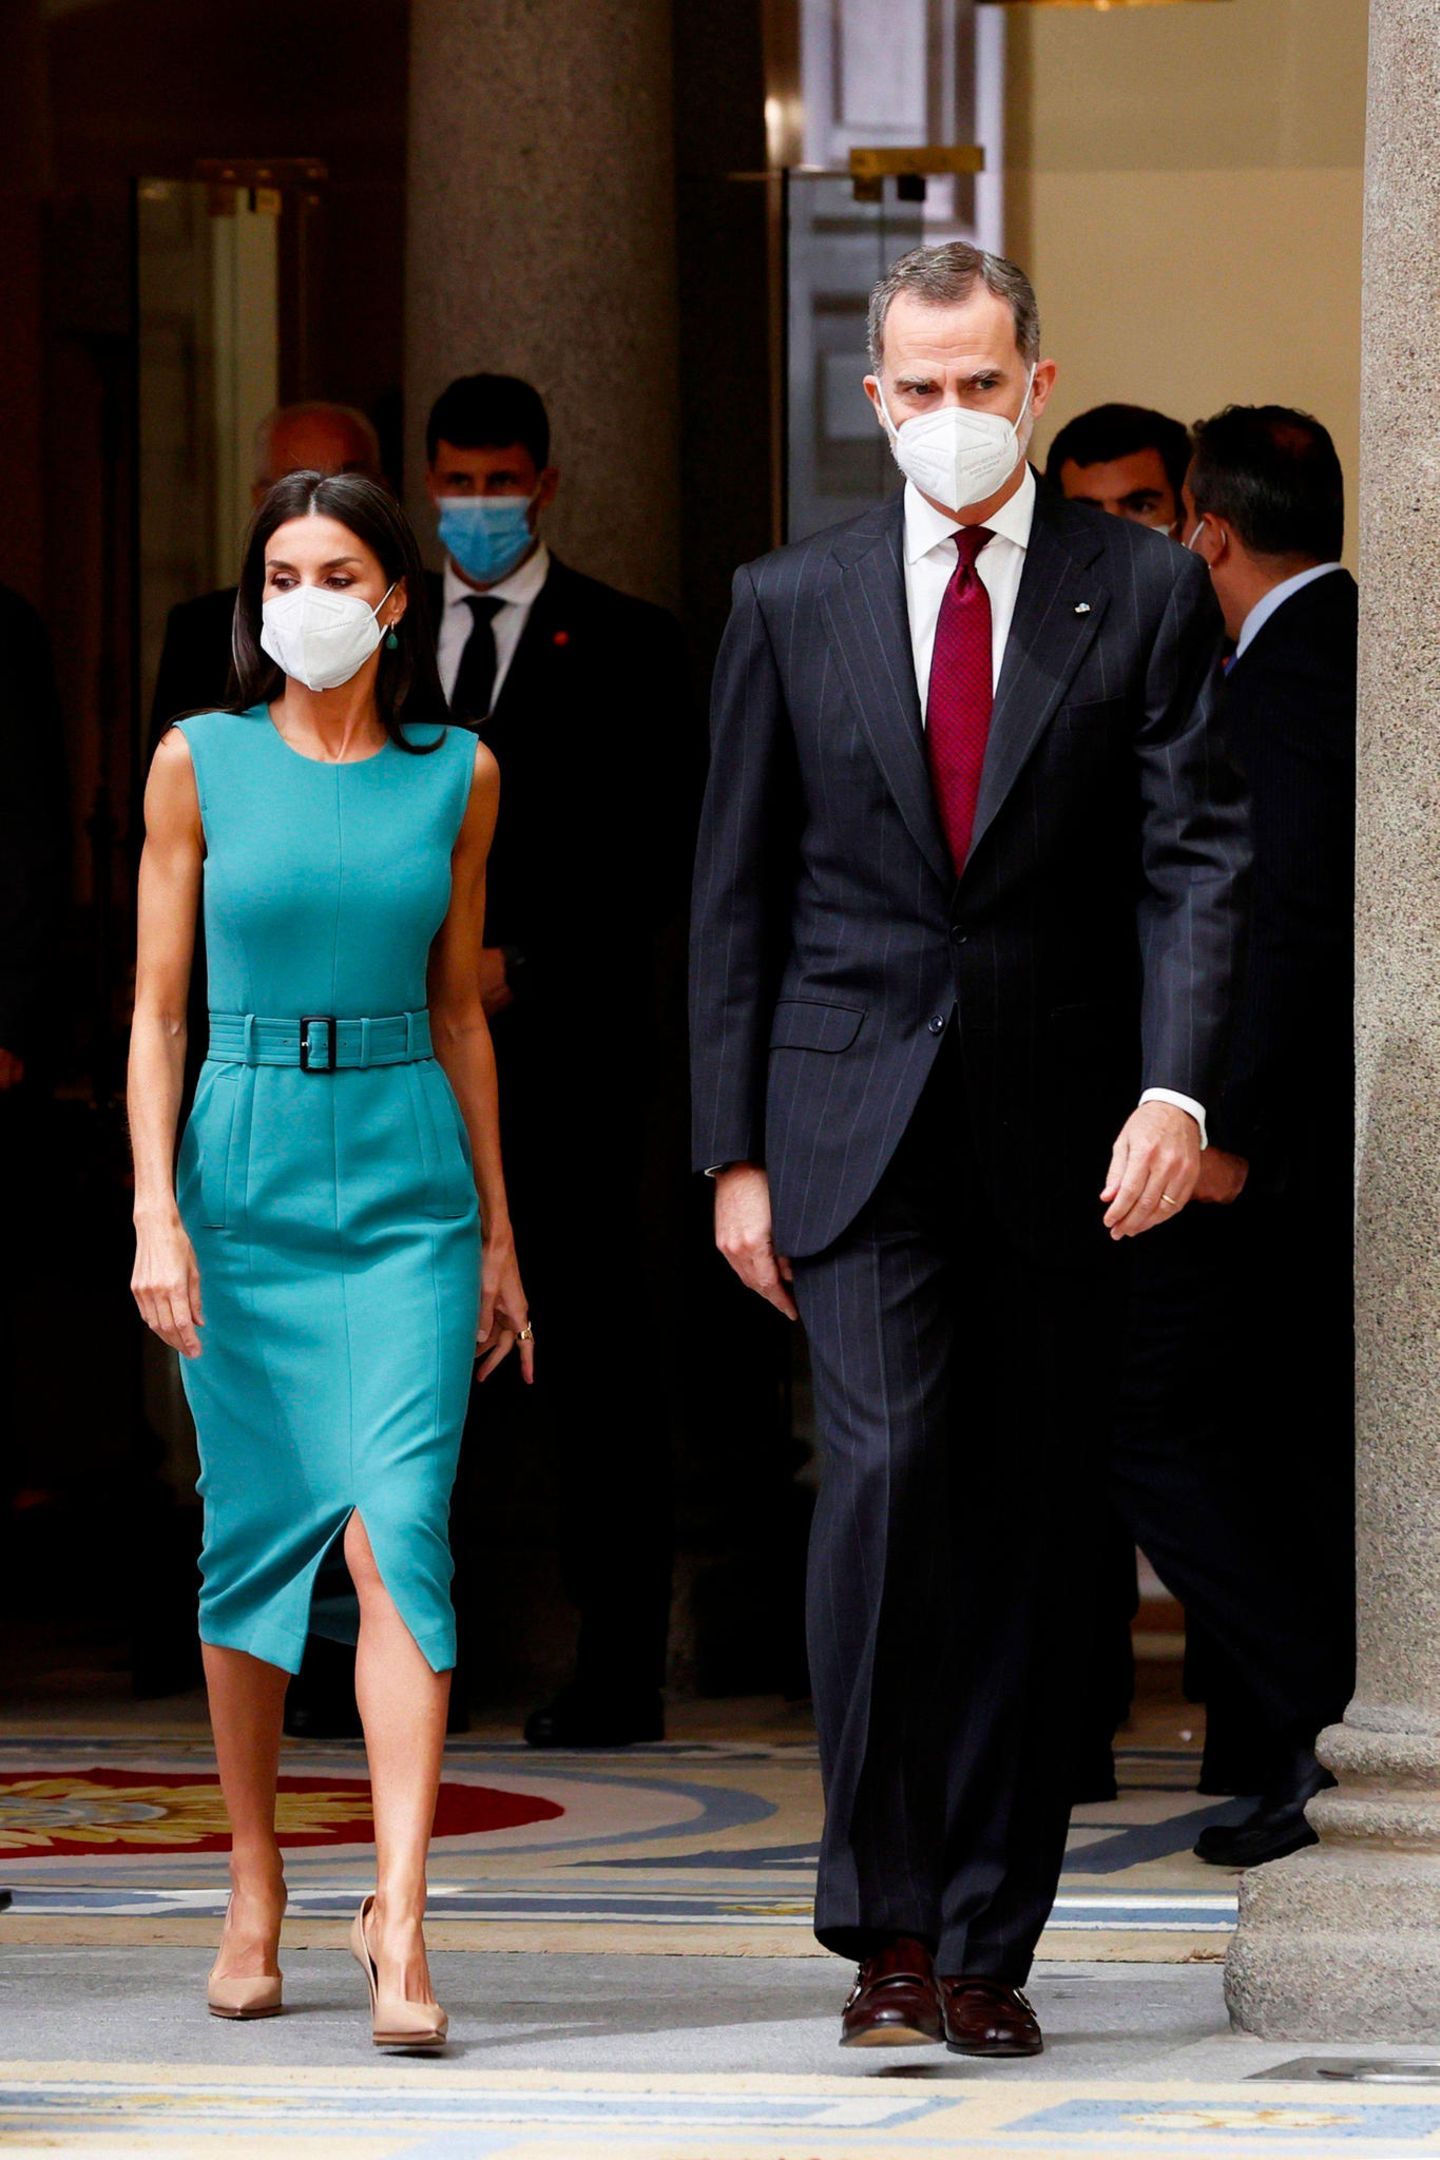 Königin Letizia liebt Business-Outfitsmit dem gewissen Extra. Neben denfarbige Power-Suits, sind es vor allem die engen Etuitkleider, die der Monarchin den gewissen Boss-Look geben. DaspetrolfarbeneKleid von Boss ist sportlich und elegantzu gleich. Der Taillengürtel und der Beinschlitz sorgen für das gewisse Extra.